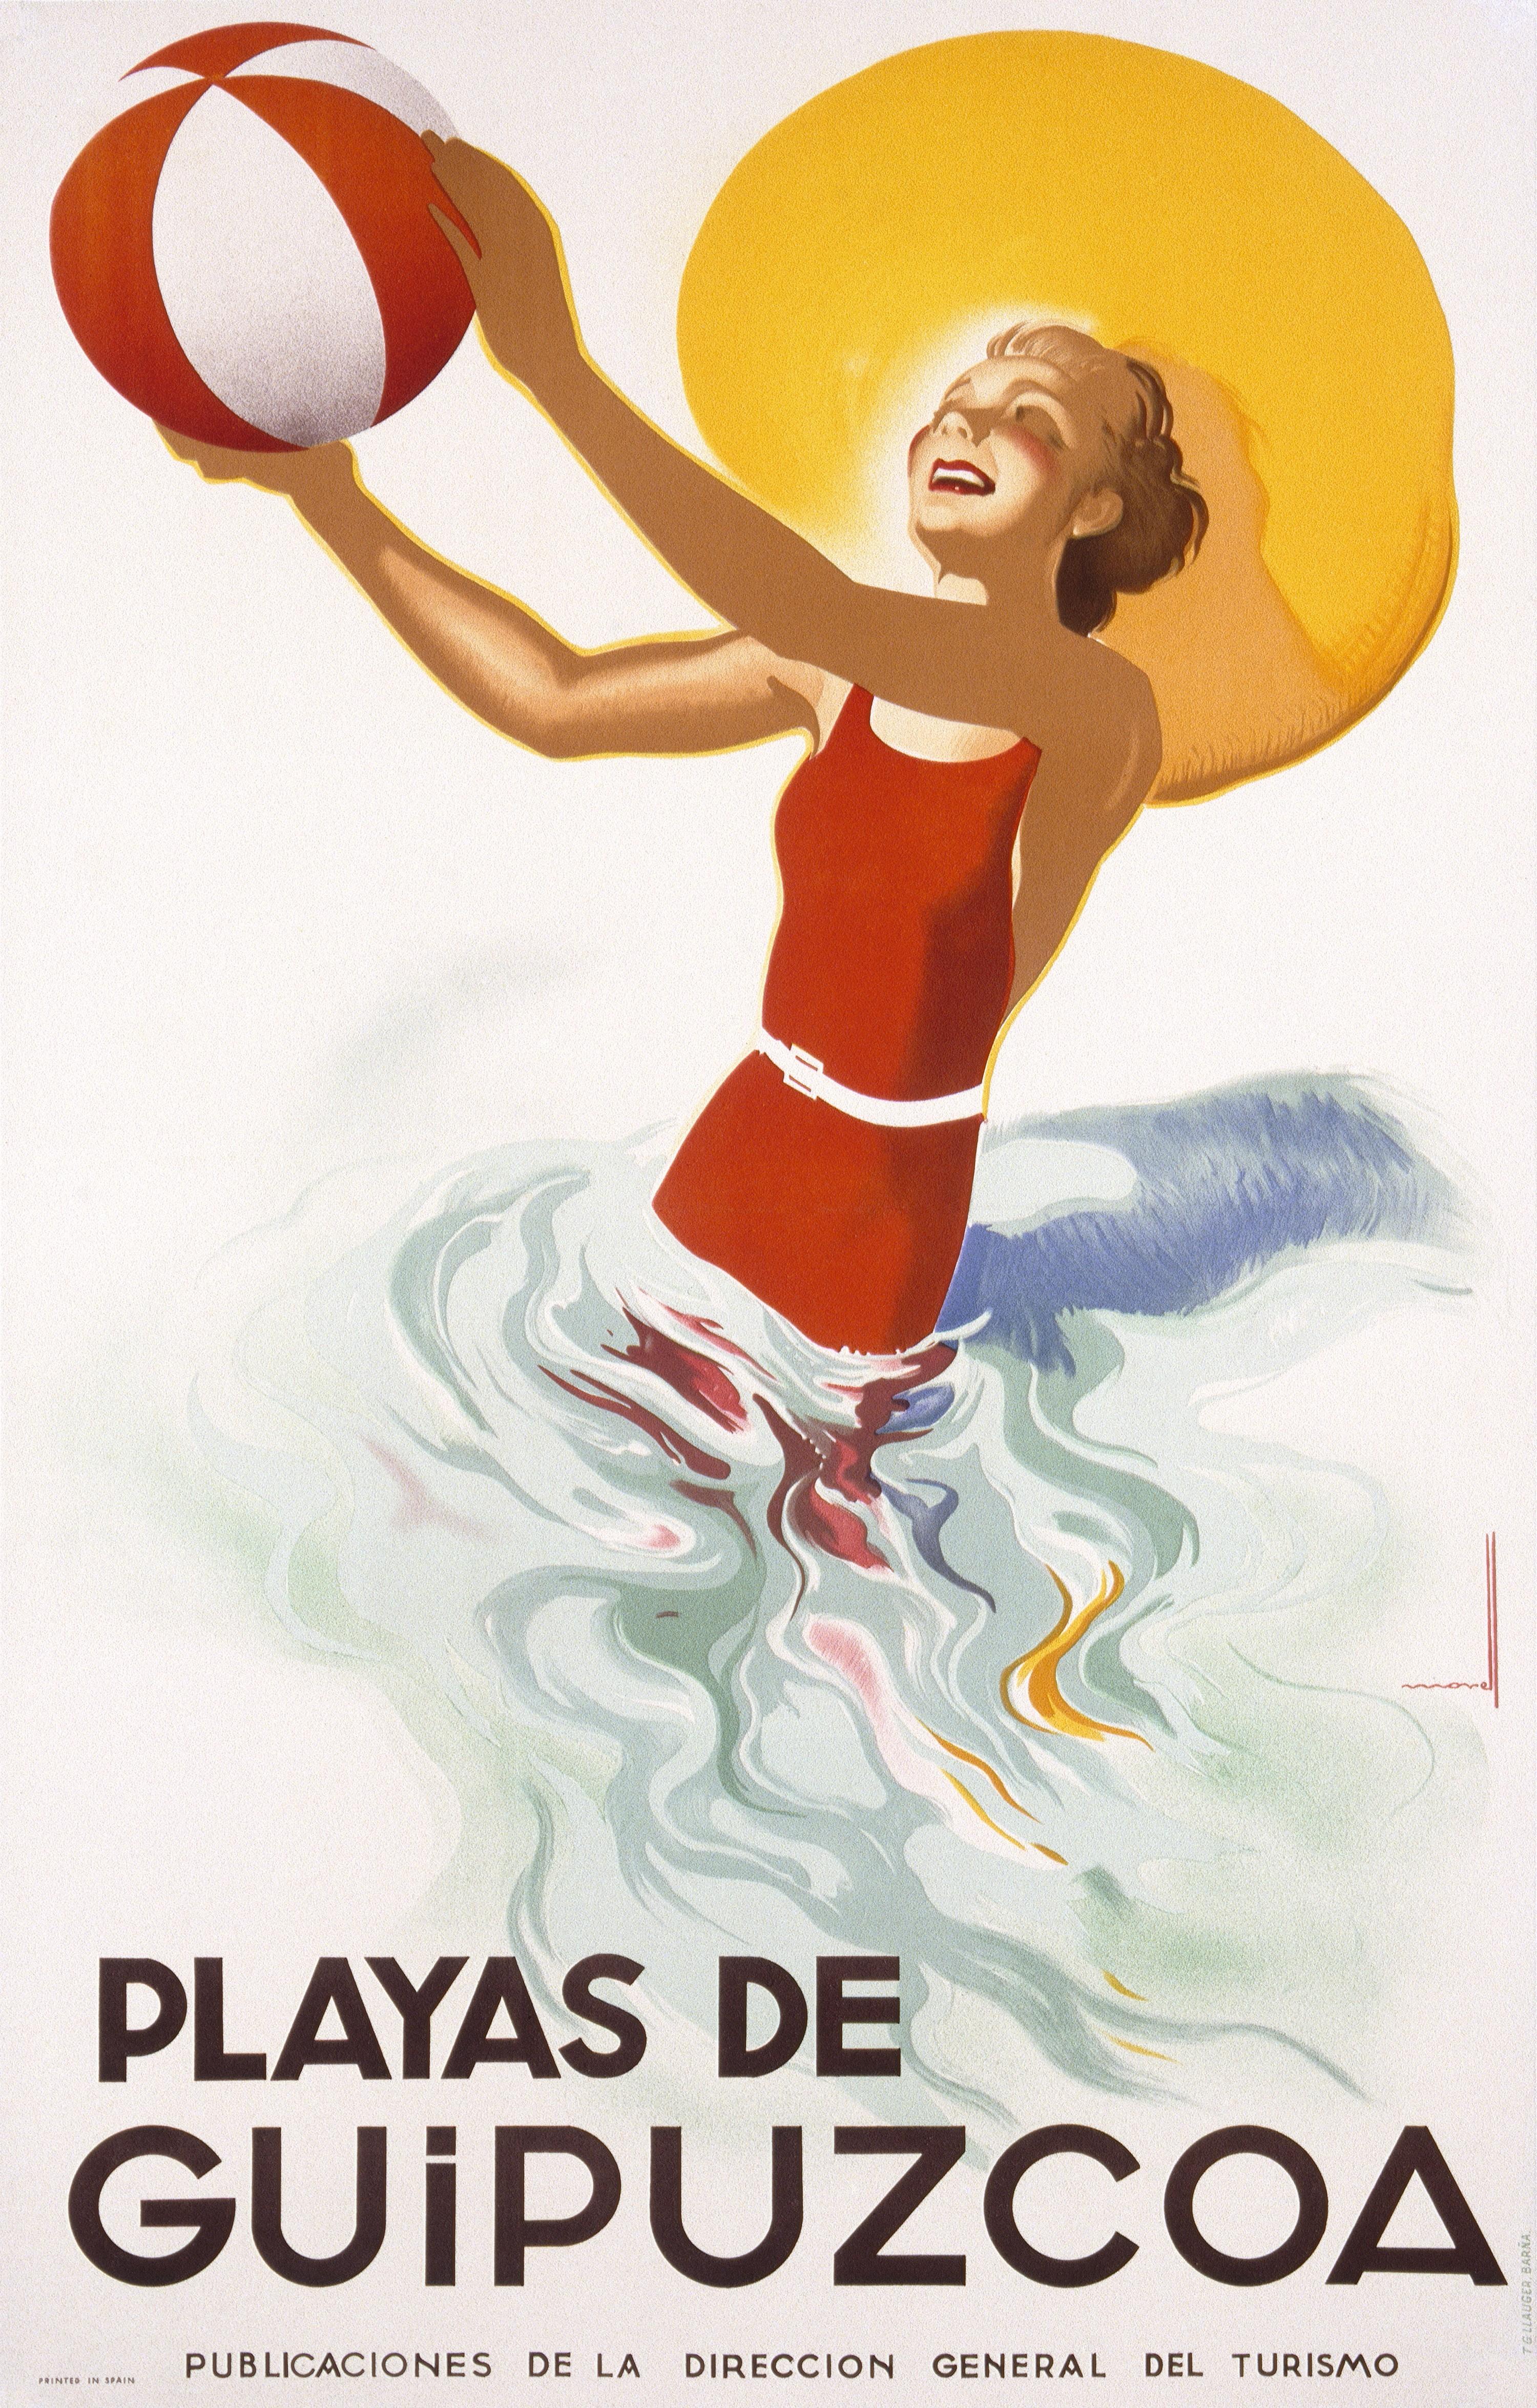 Une affiche de promotion du tourisme en Espagne, début du XXe siècle